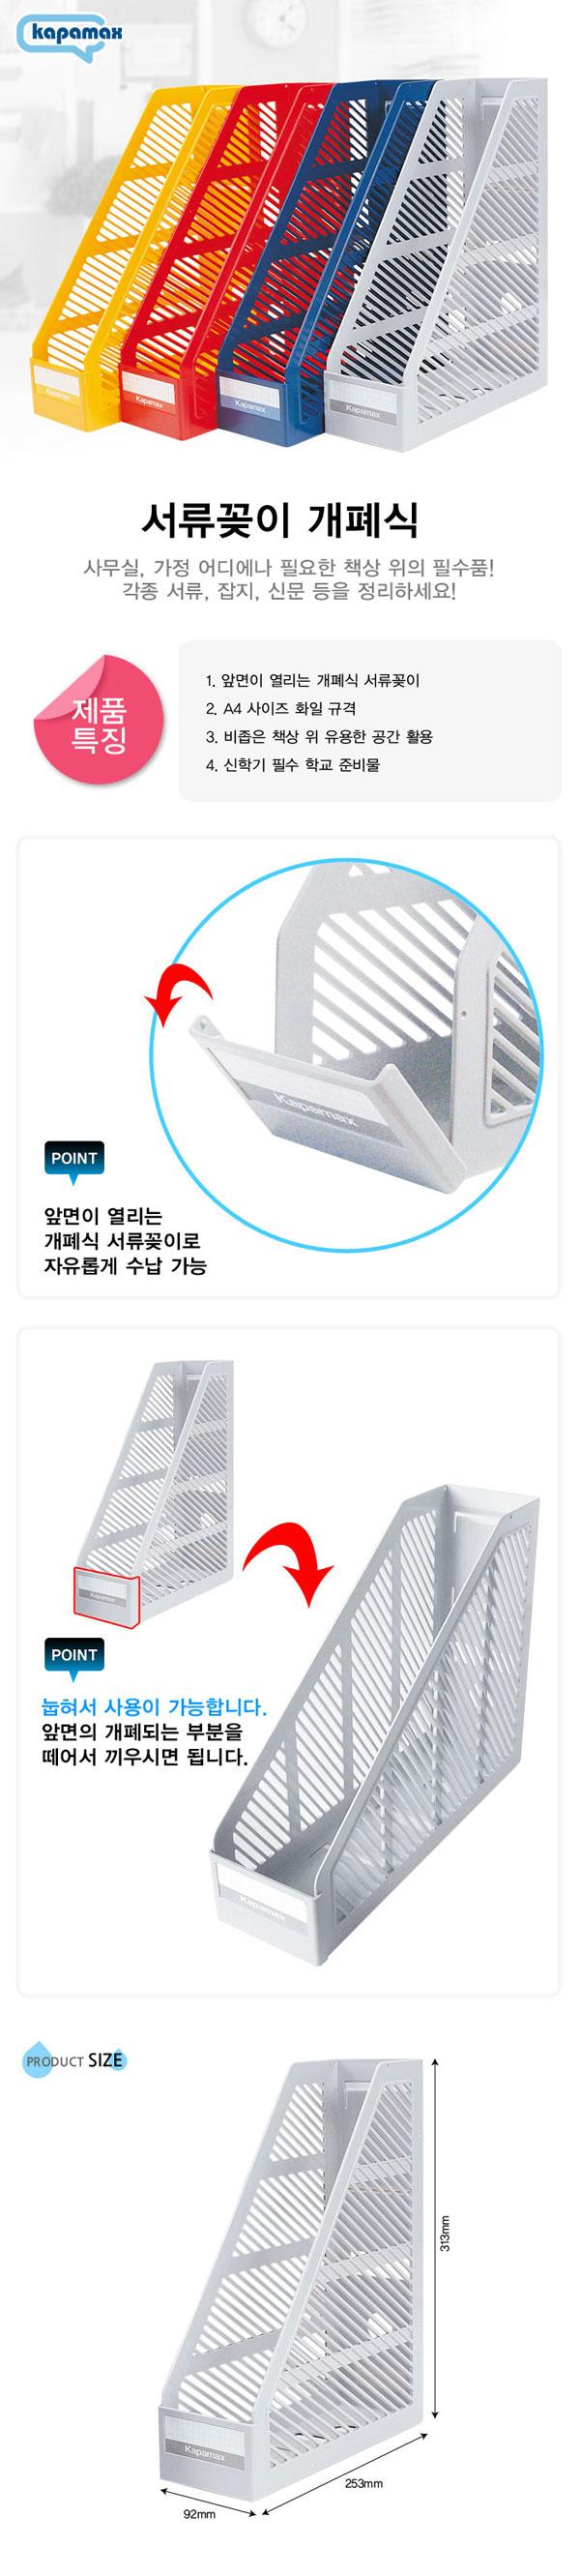 paper-280_D28812.jpg